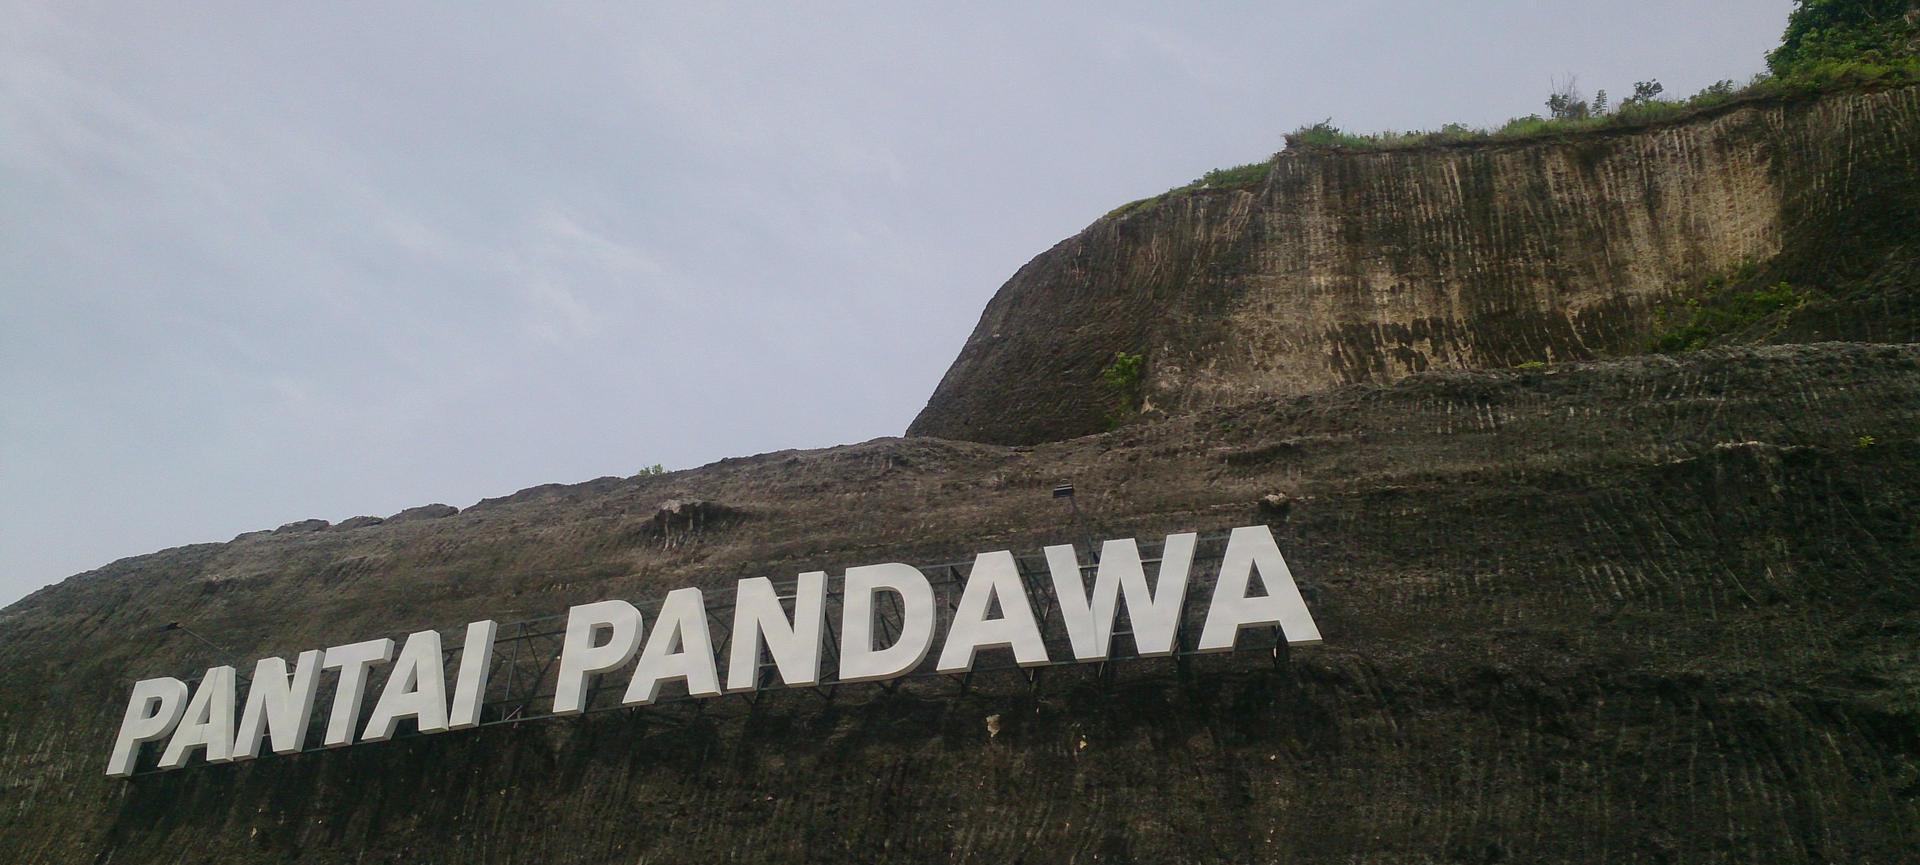 Pantai Pandawa, Bali: The Beach Of The Legendary Five Knights